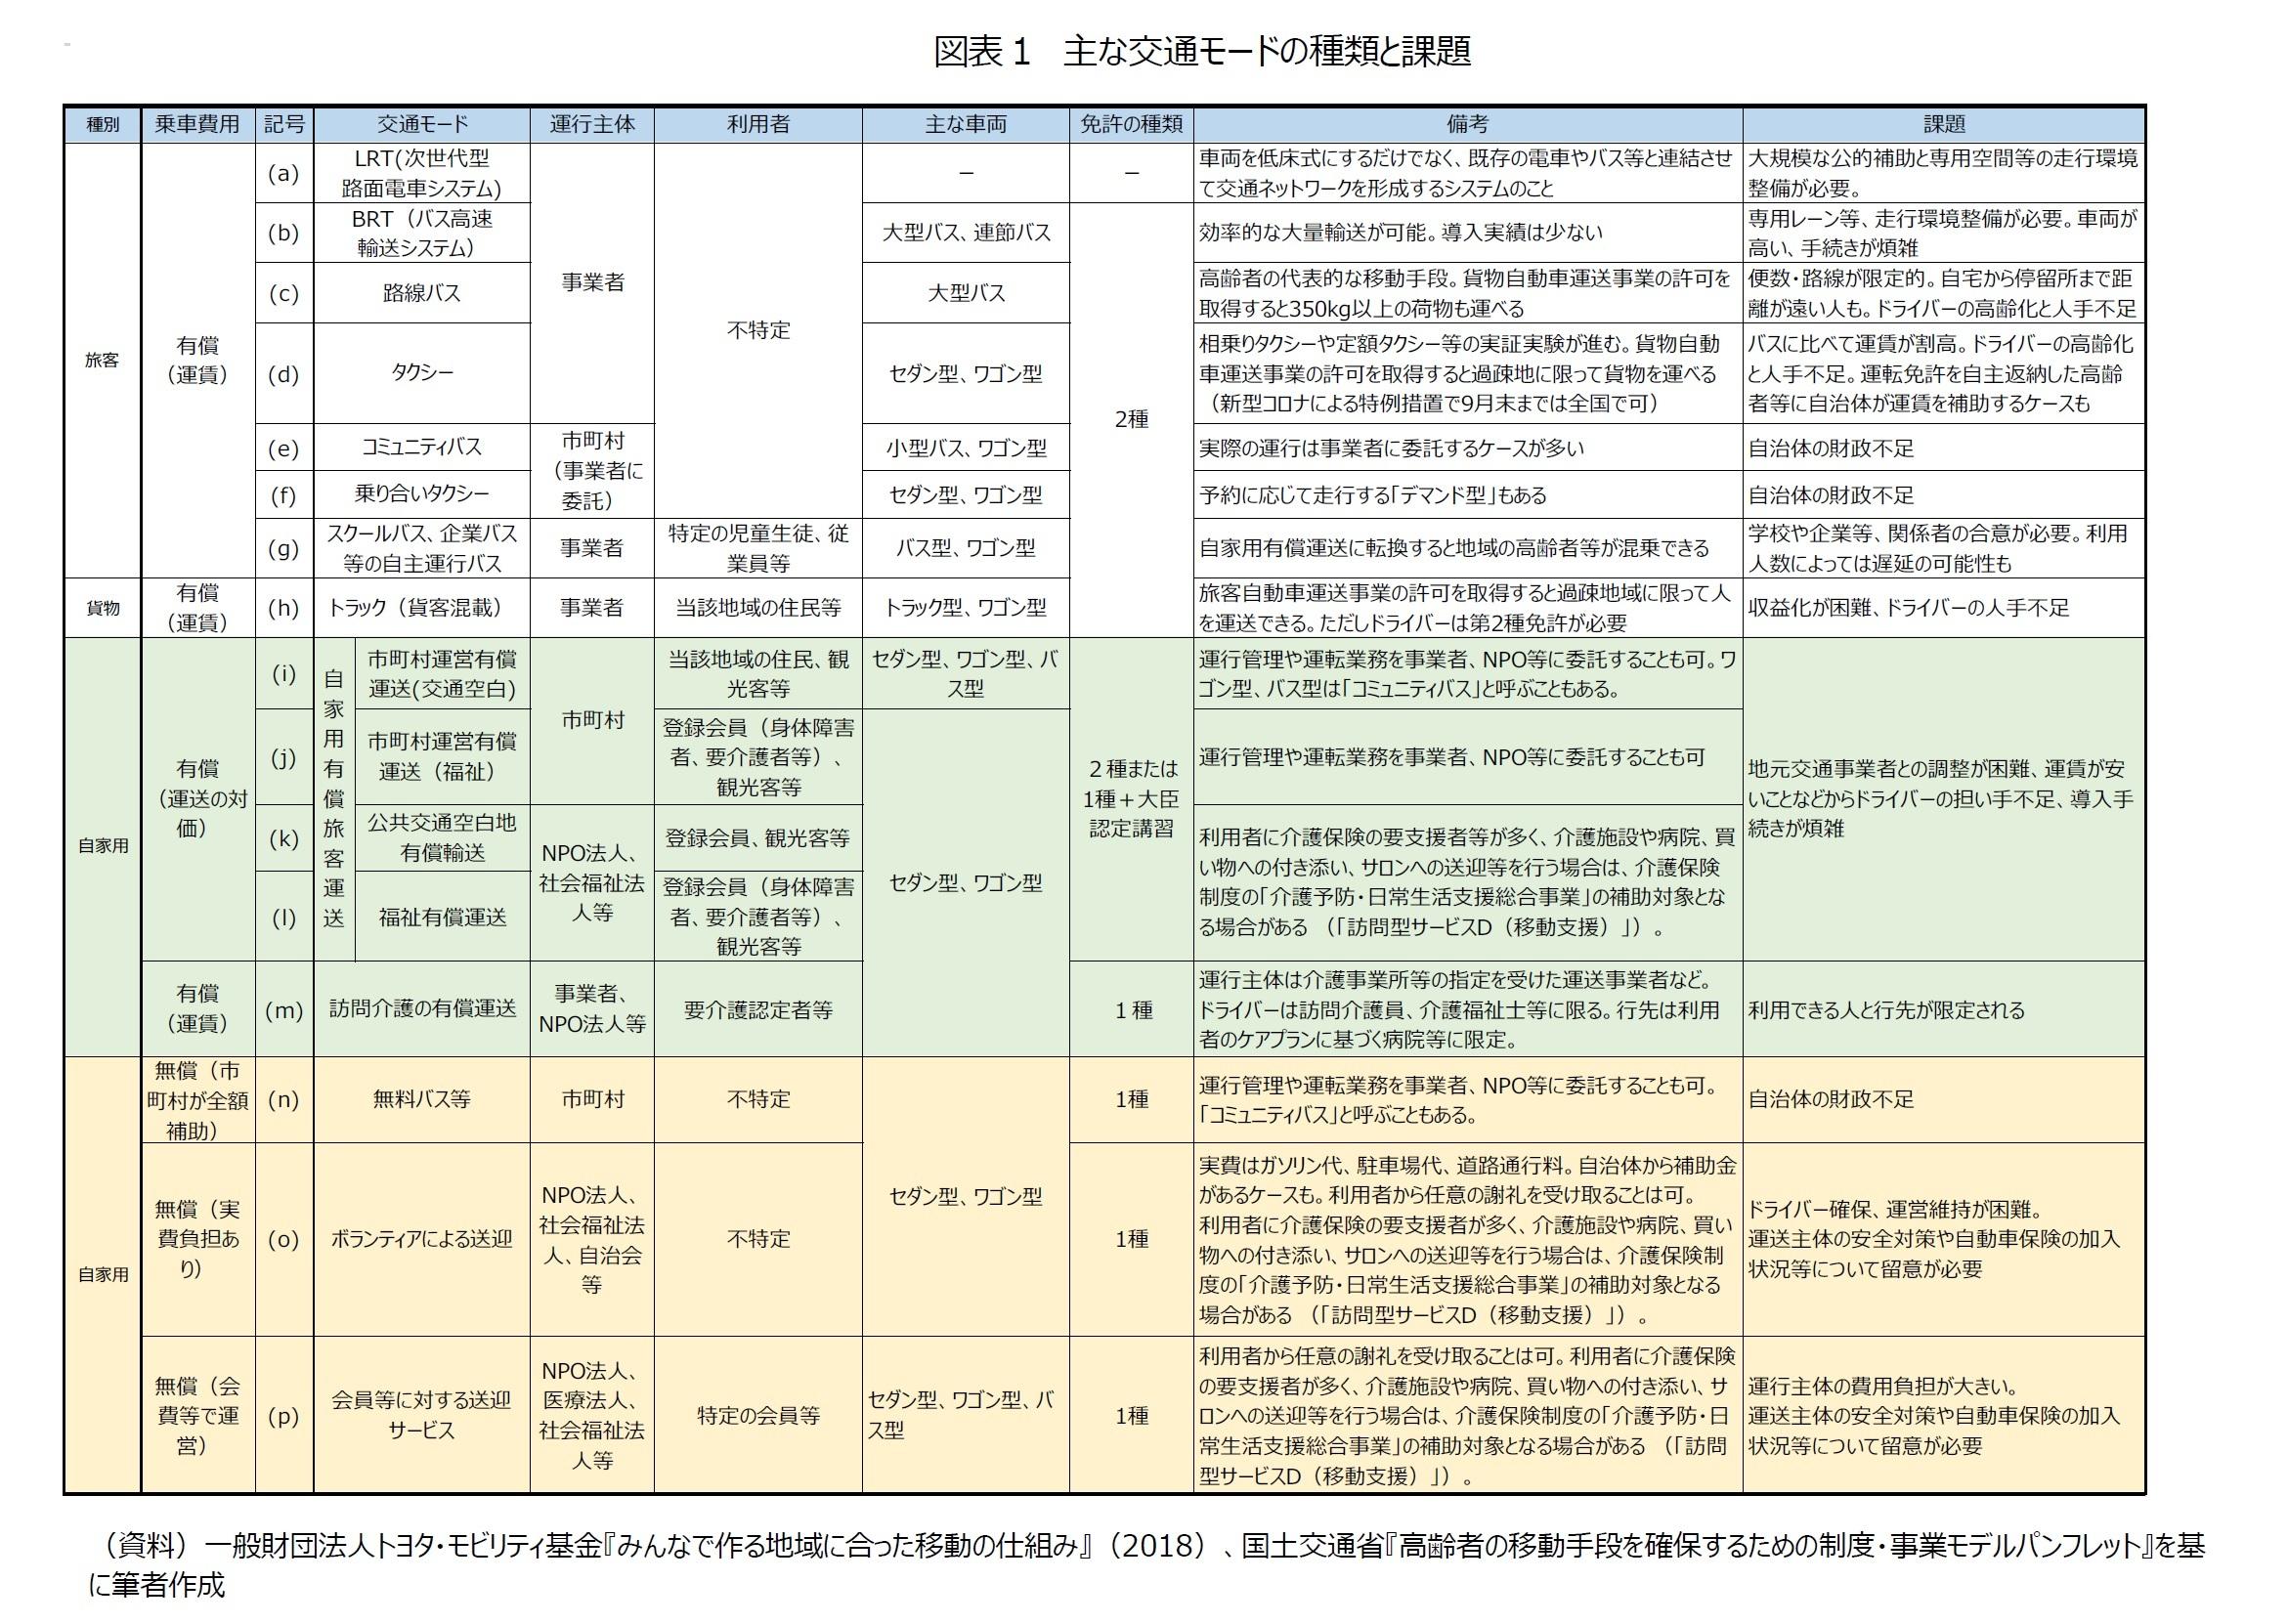 図表1 主な交通モードの種類と課題